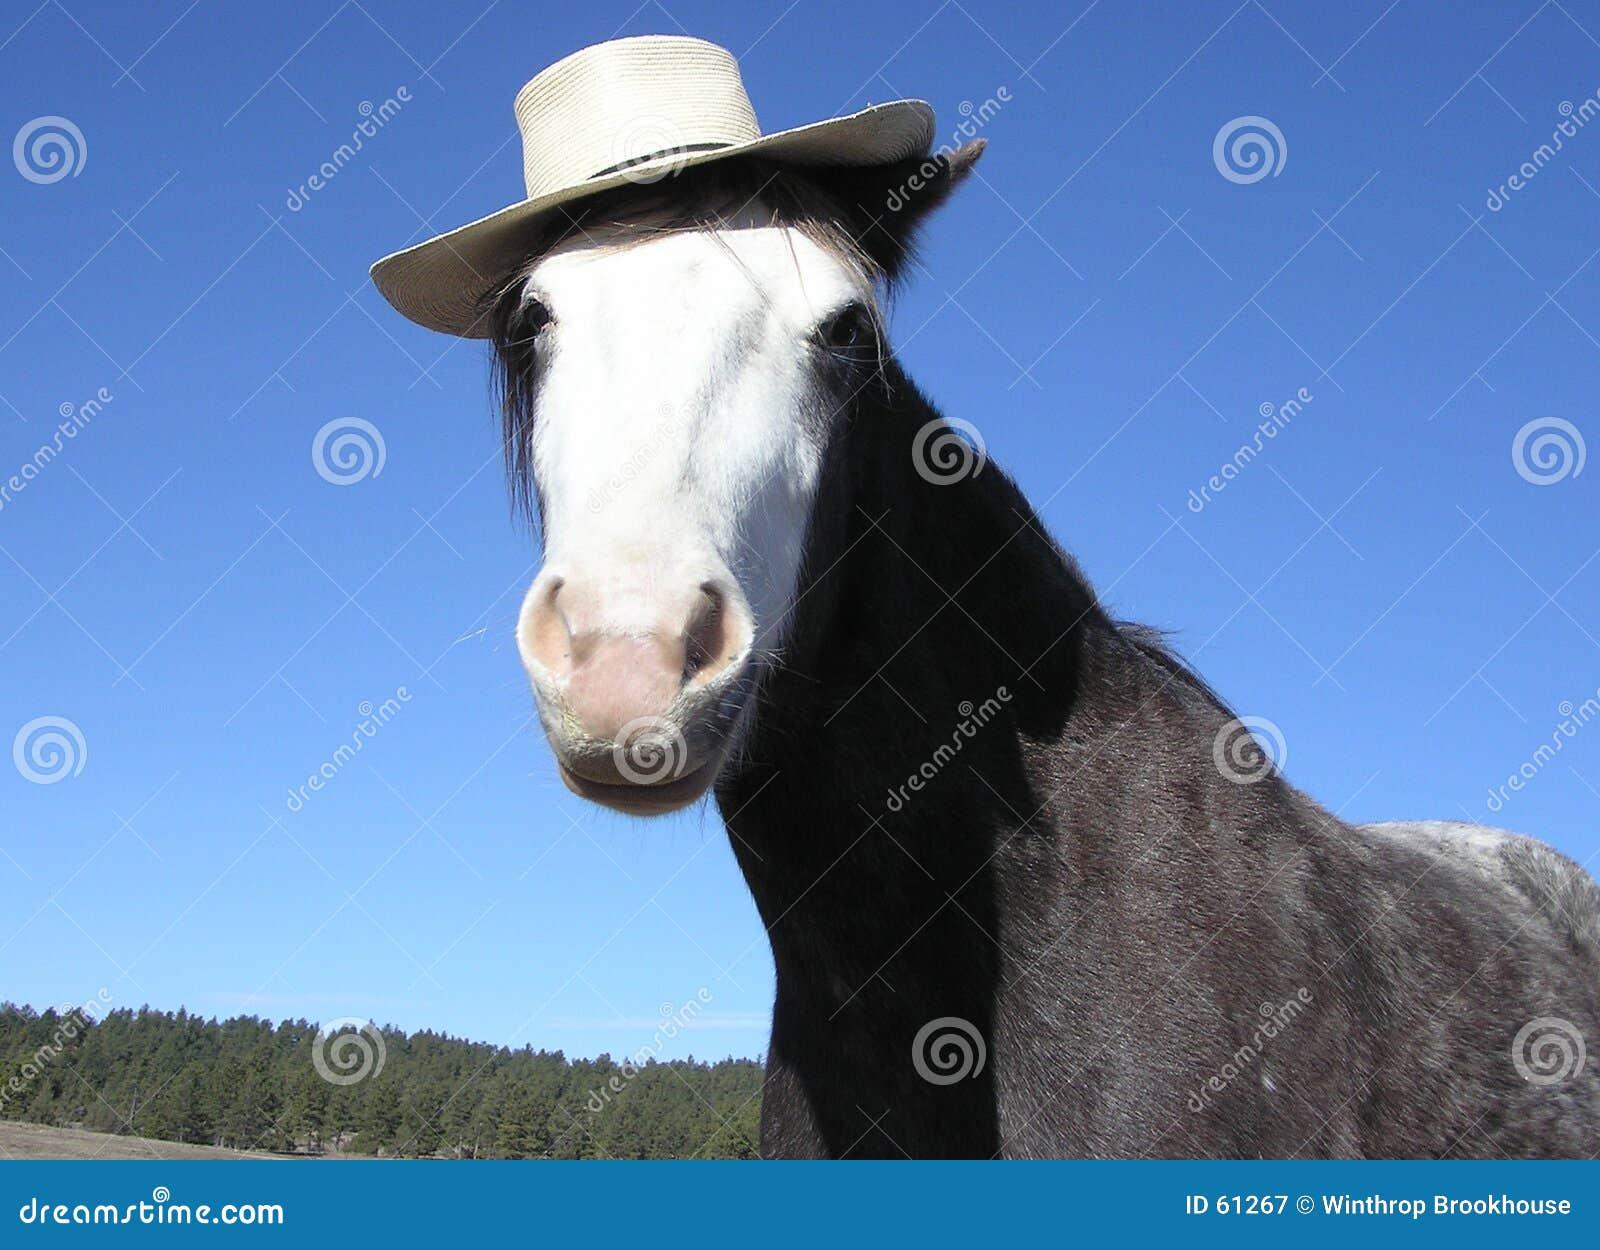 лошадь шлема